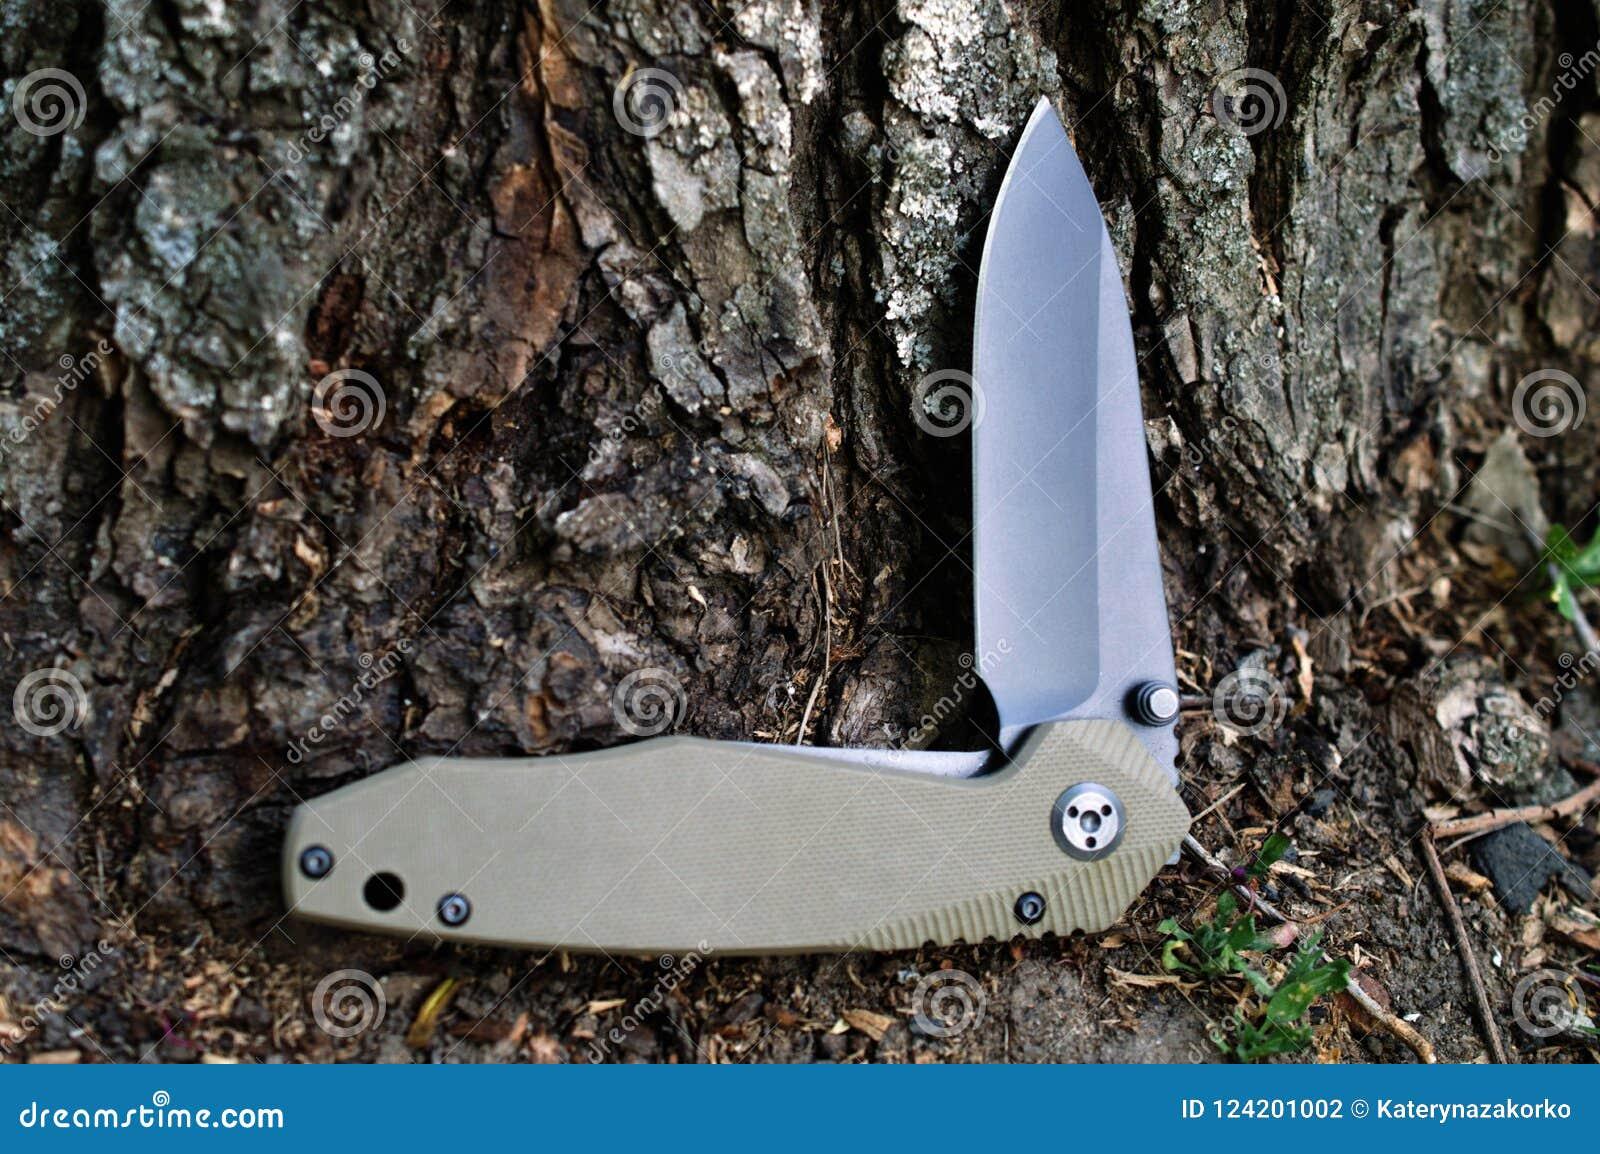 Falcowanie turysta, campingowy nóż z czarnym ostrzem i rękojeść szalenie,